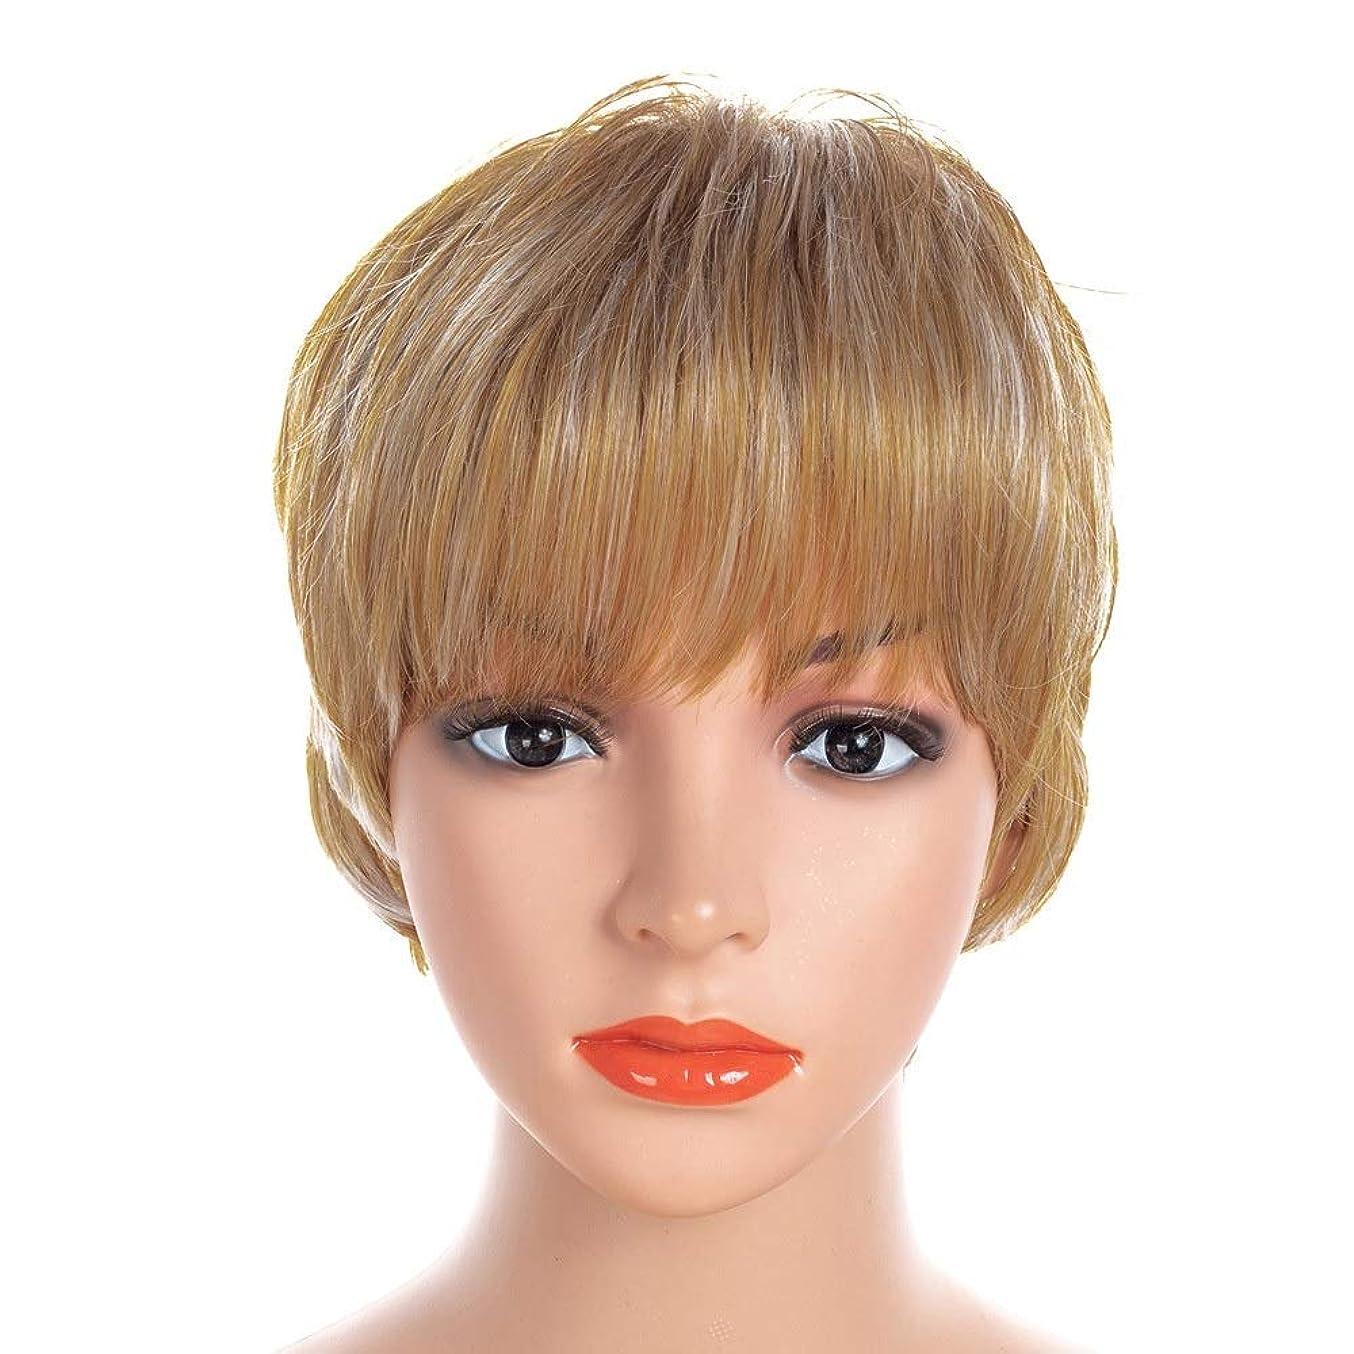 日若者広げるBOBIDYEE 上品なボブスタイルCospaly党髪かつら党かつらで女性短い巻き毛のかつら (色 : Blonde, サイズ : 30cm)